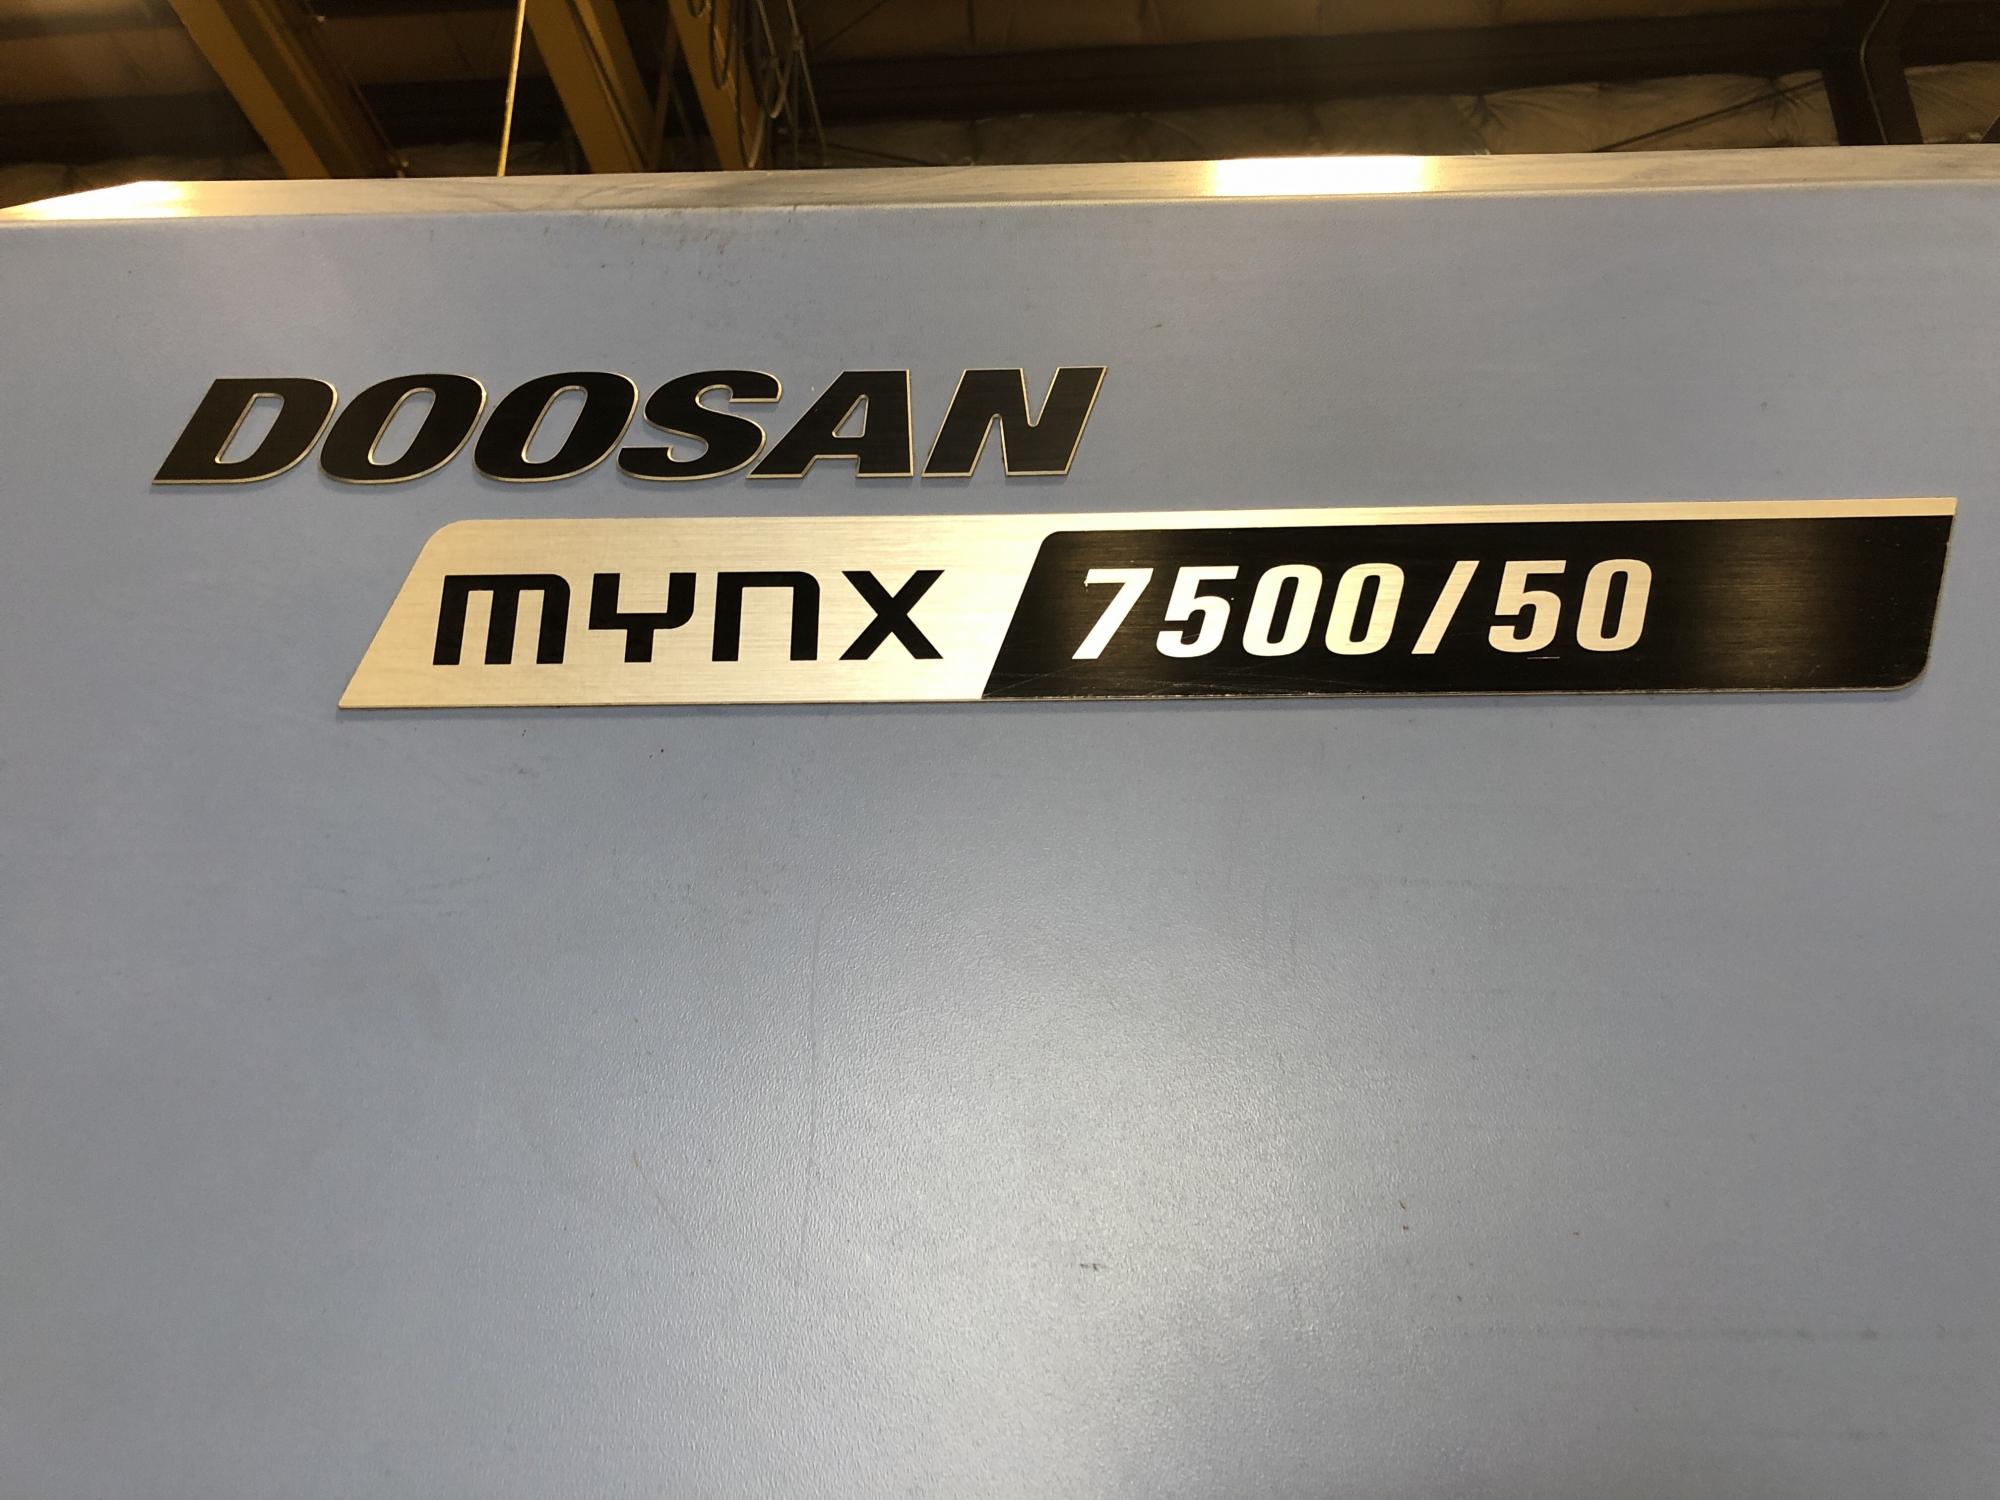 2015 Doosan Mynx 7500/50